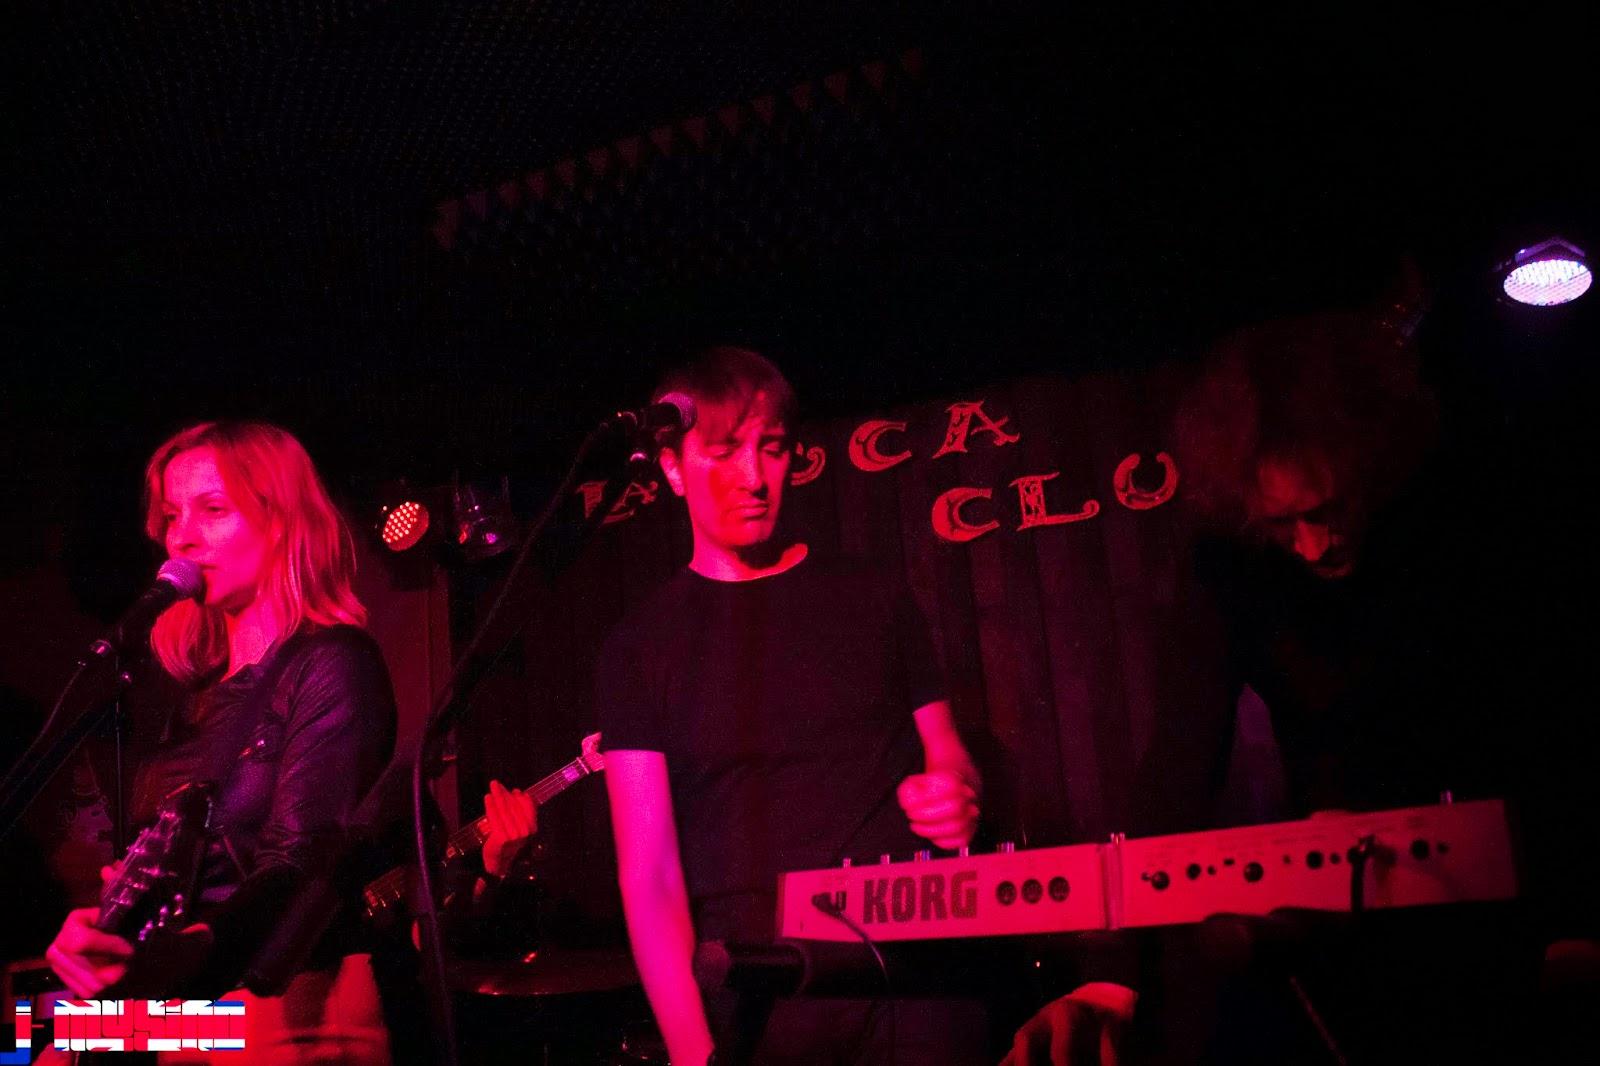 Magictostadora y Clara Plath en La boca club